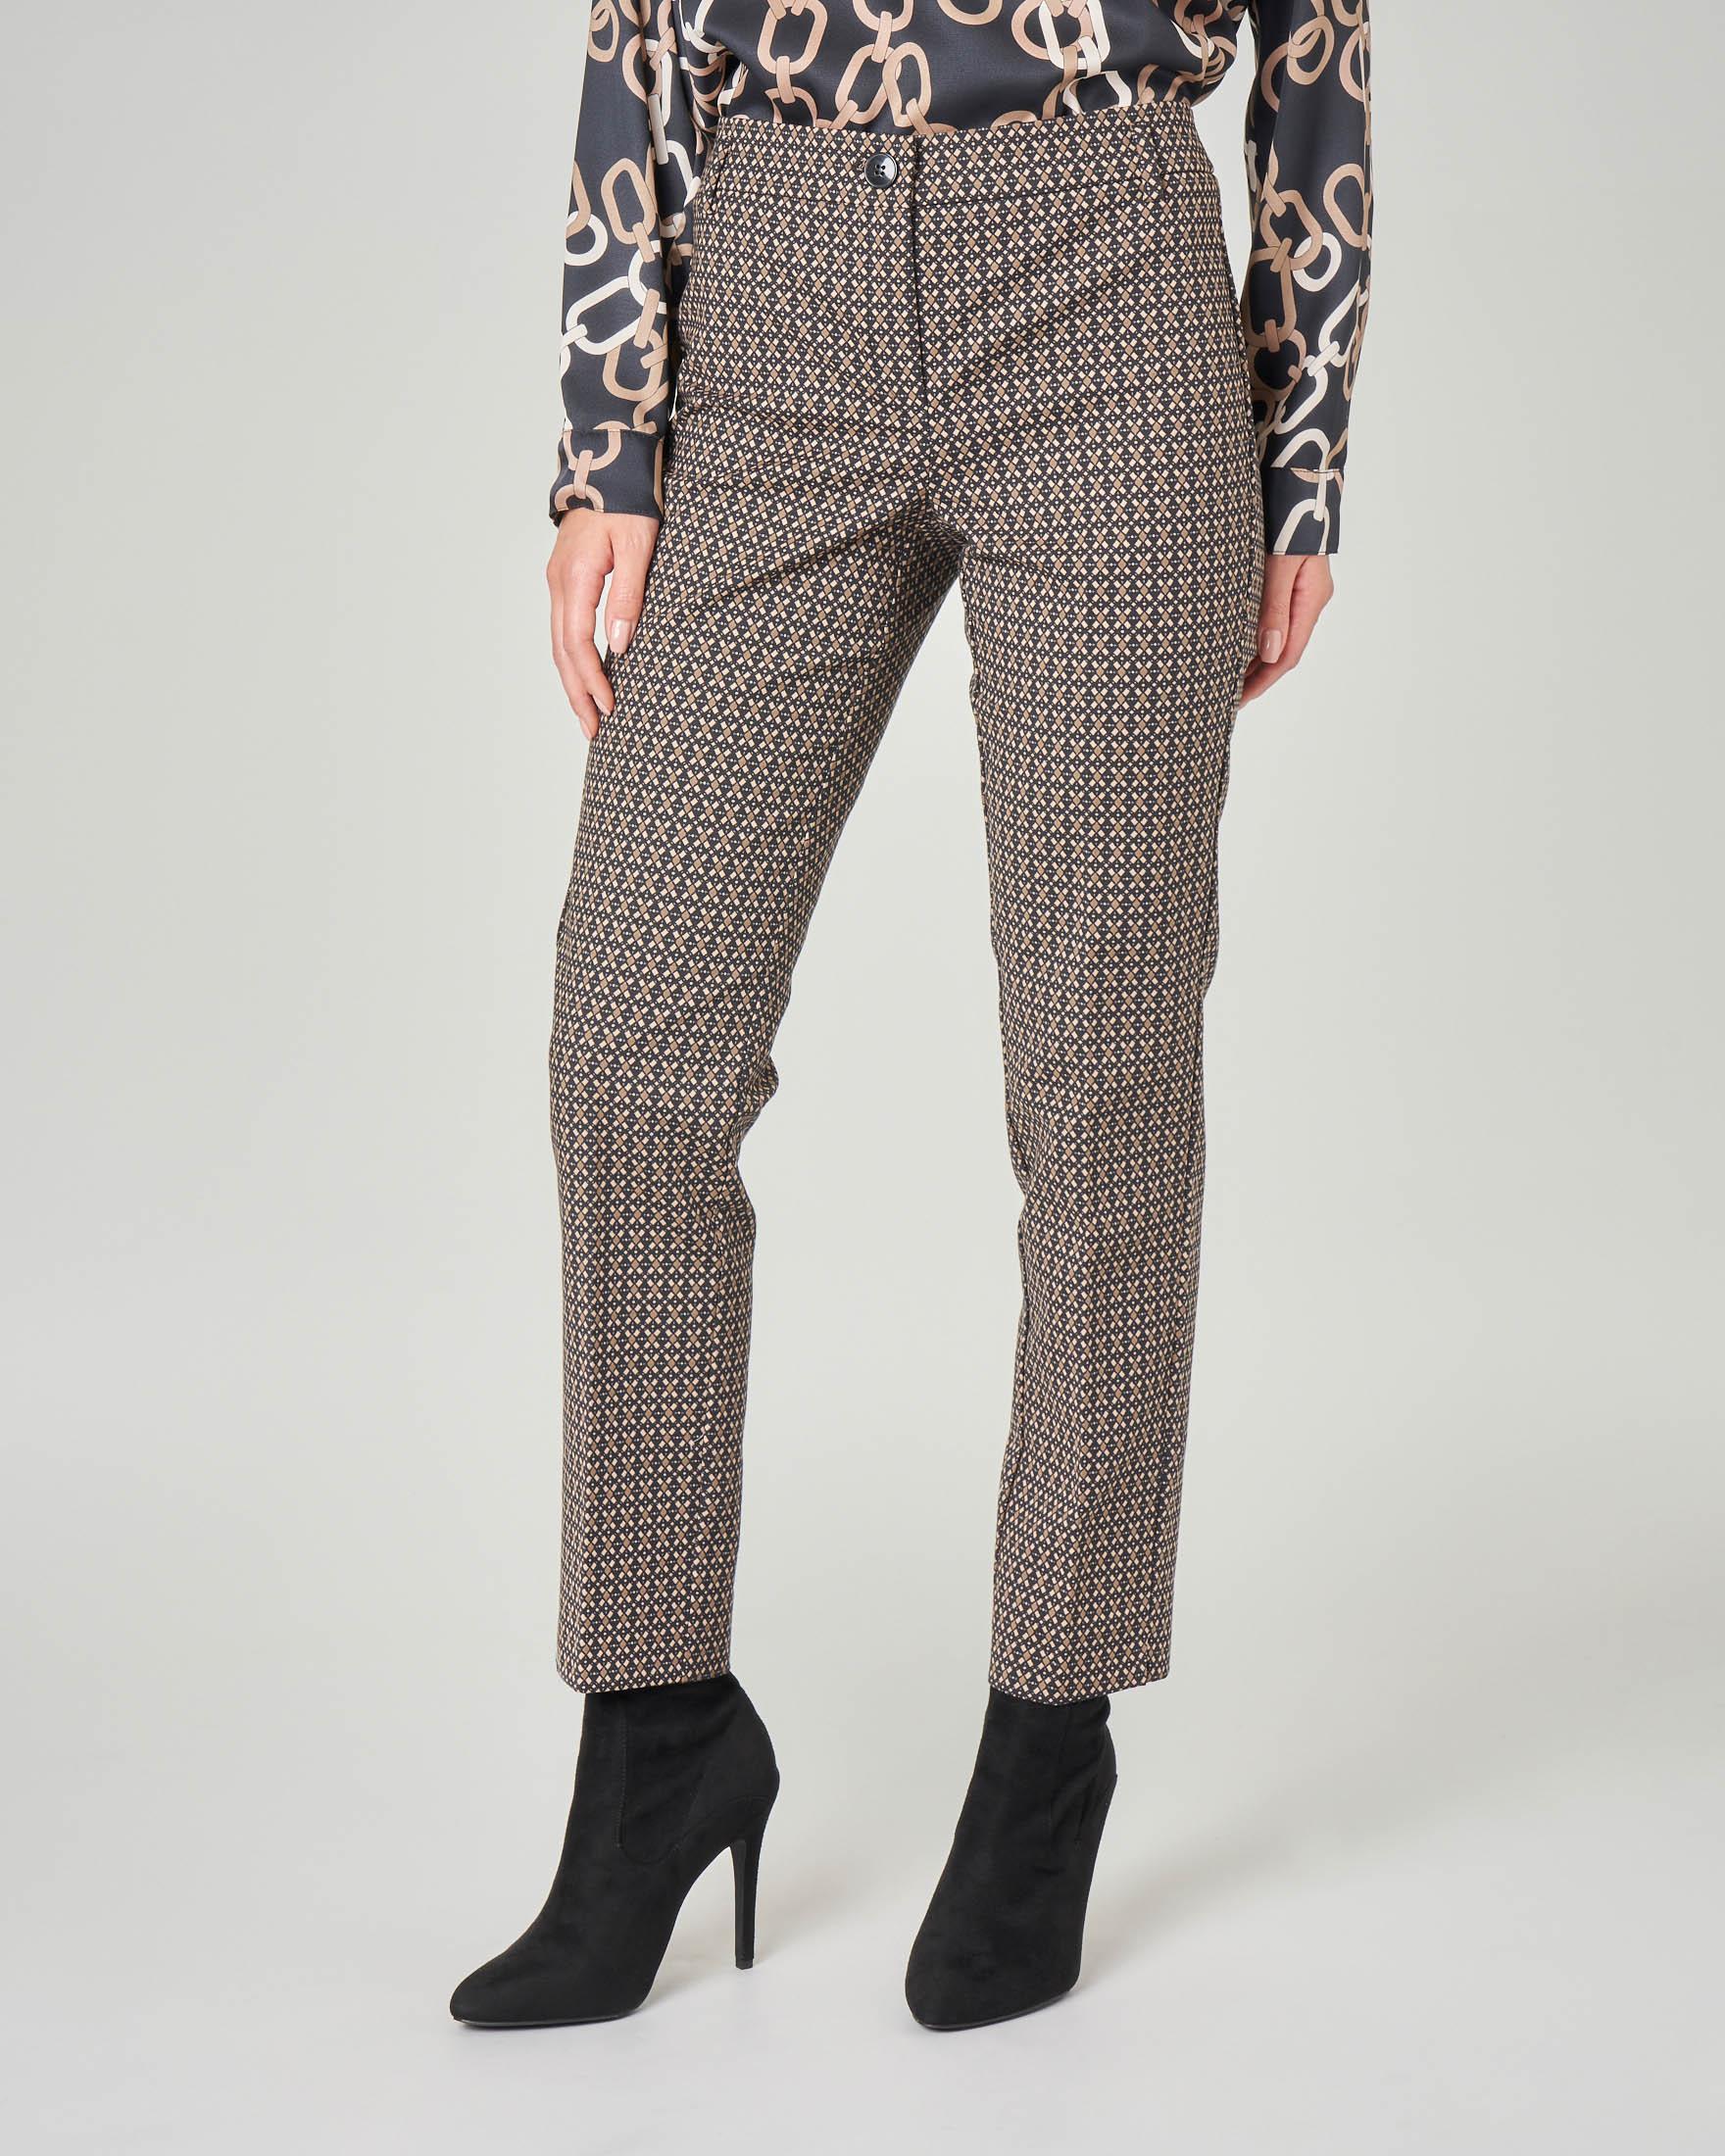 Pantaloni a sigaretta in cotone stretch a micro fantasia jacquard nero e cammello